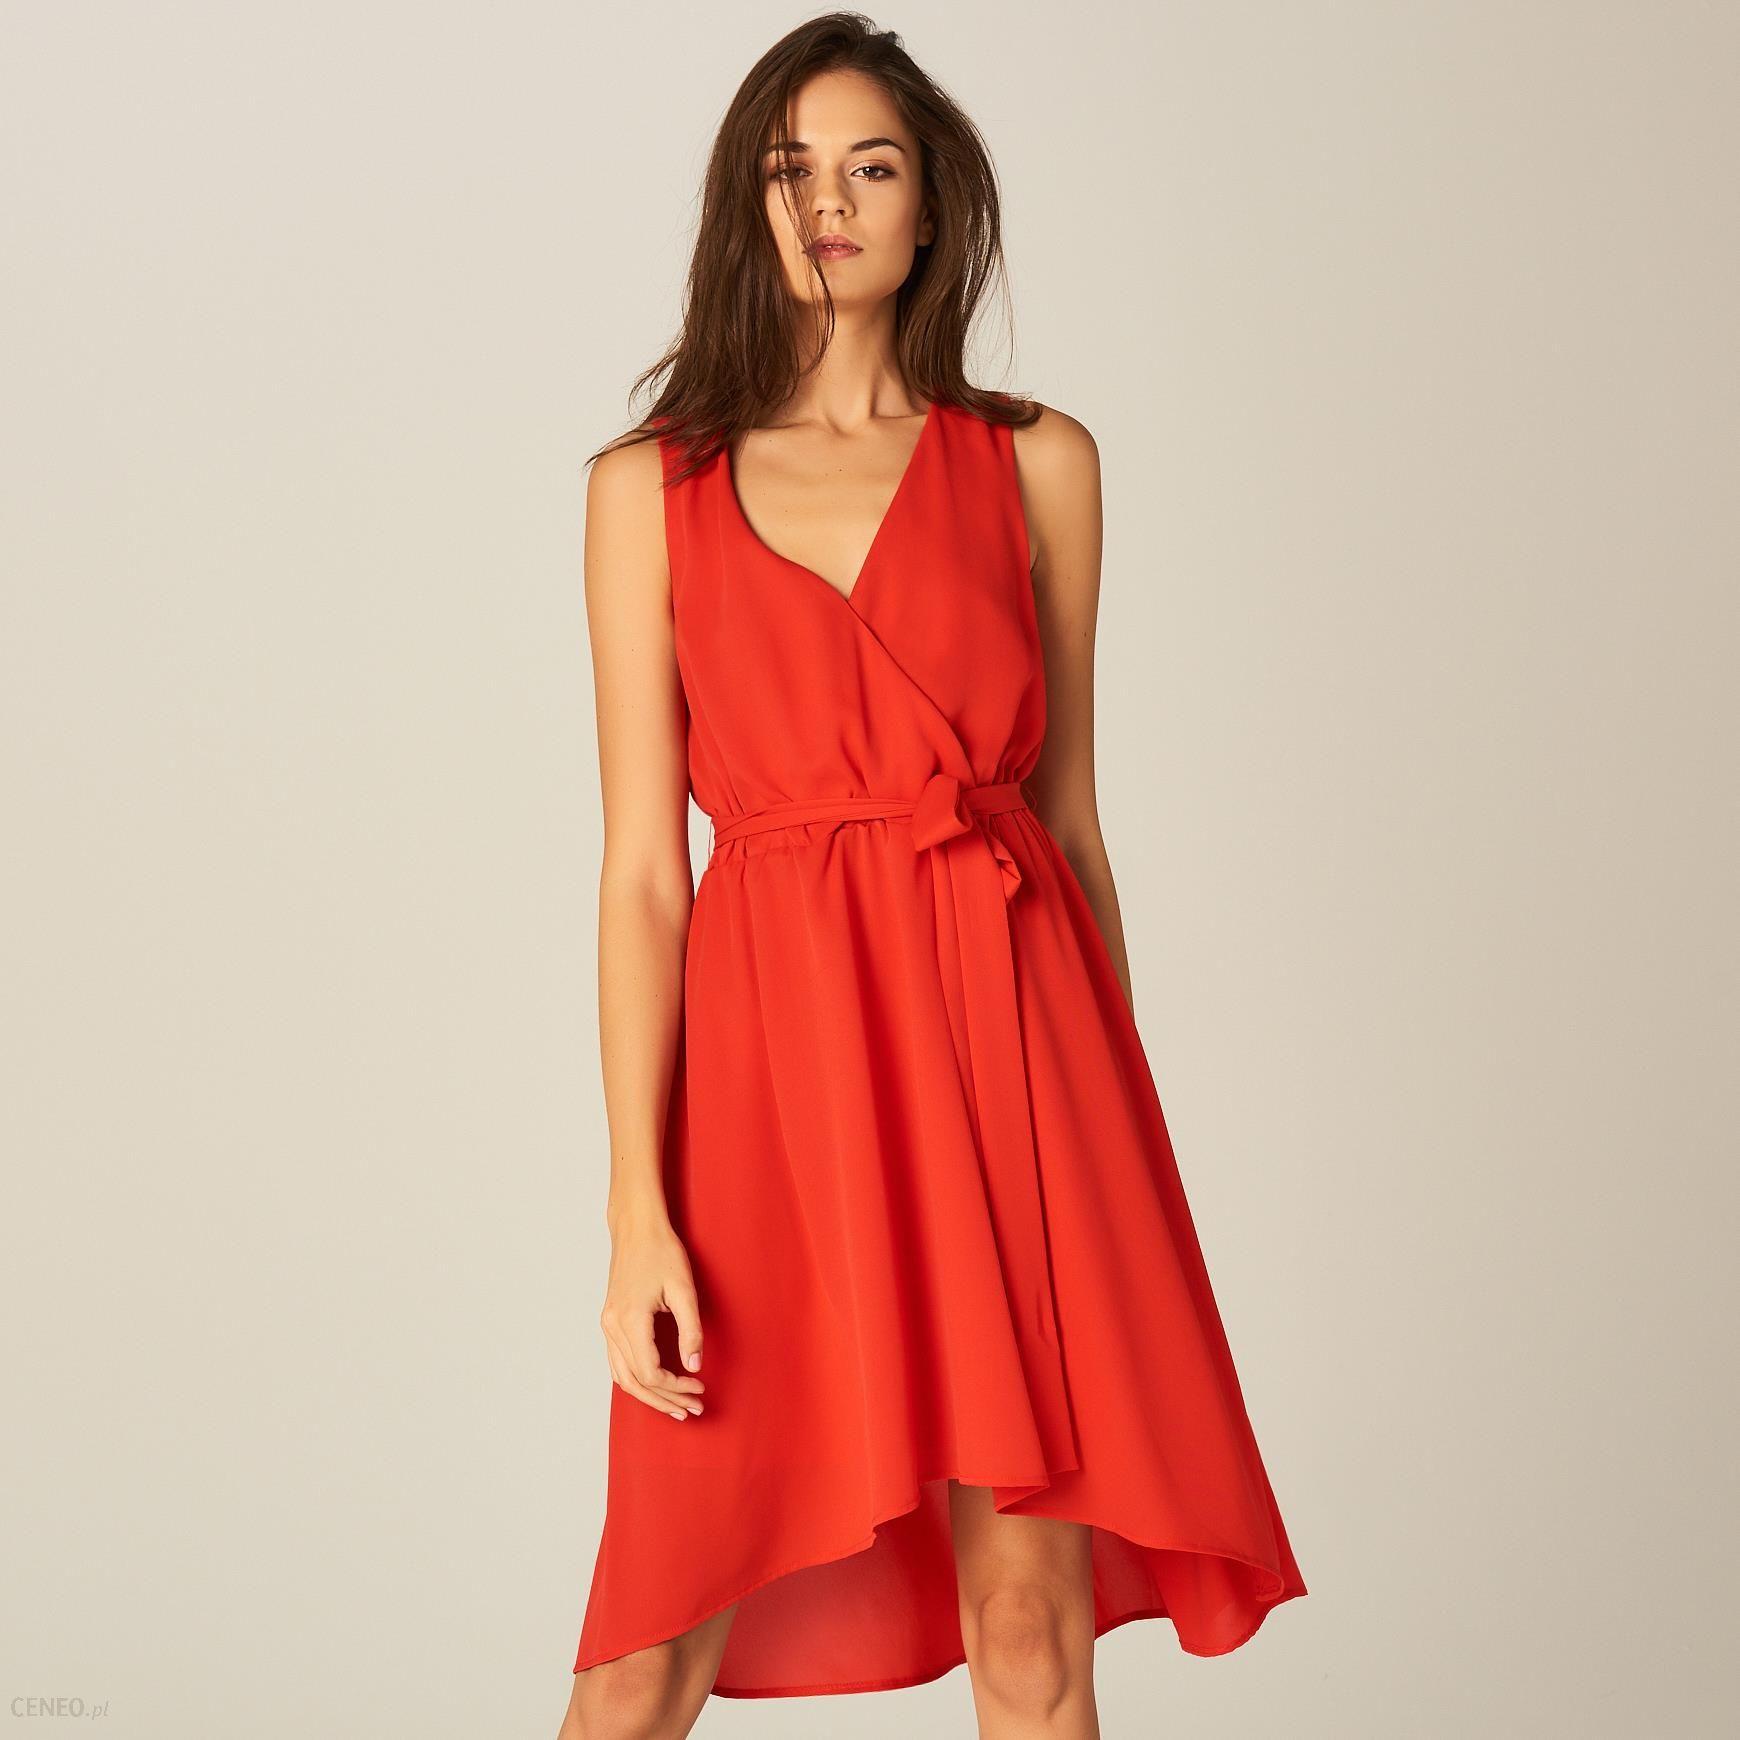 2b424eb154 Mohito - Szyfonowa sukienka z kopertowym dekoltem - Czerwony - zdjęcie 1